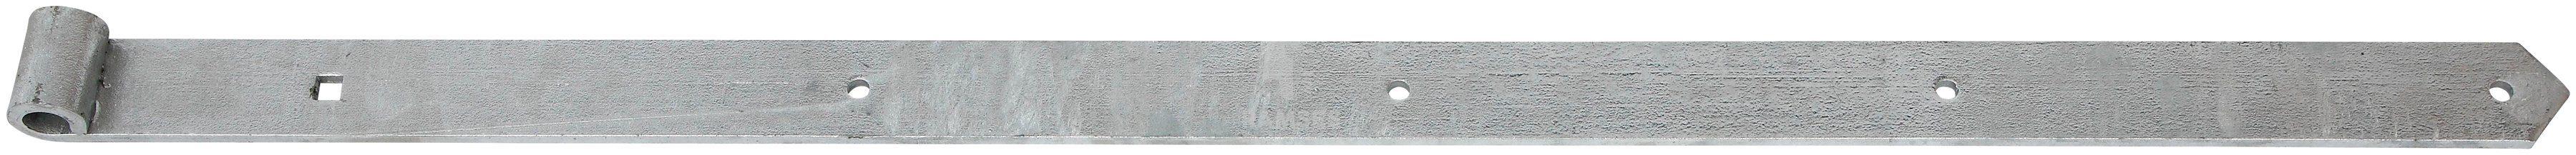 RAMSES Ladenband , schwer für Dorn Ø 16 mm Länge 800 mm Stahl feuerverzinkt